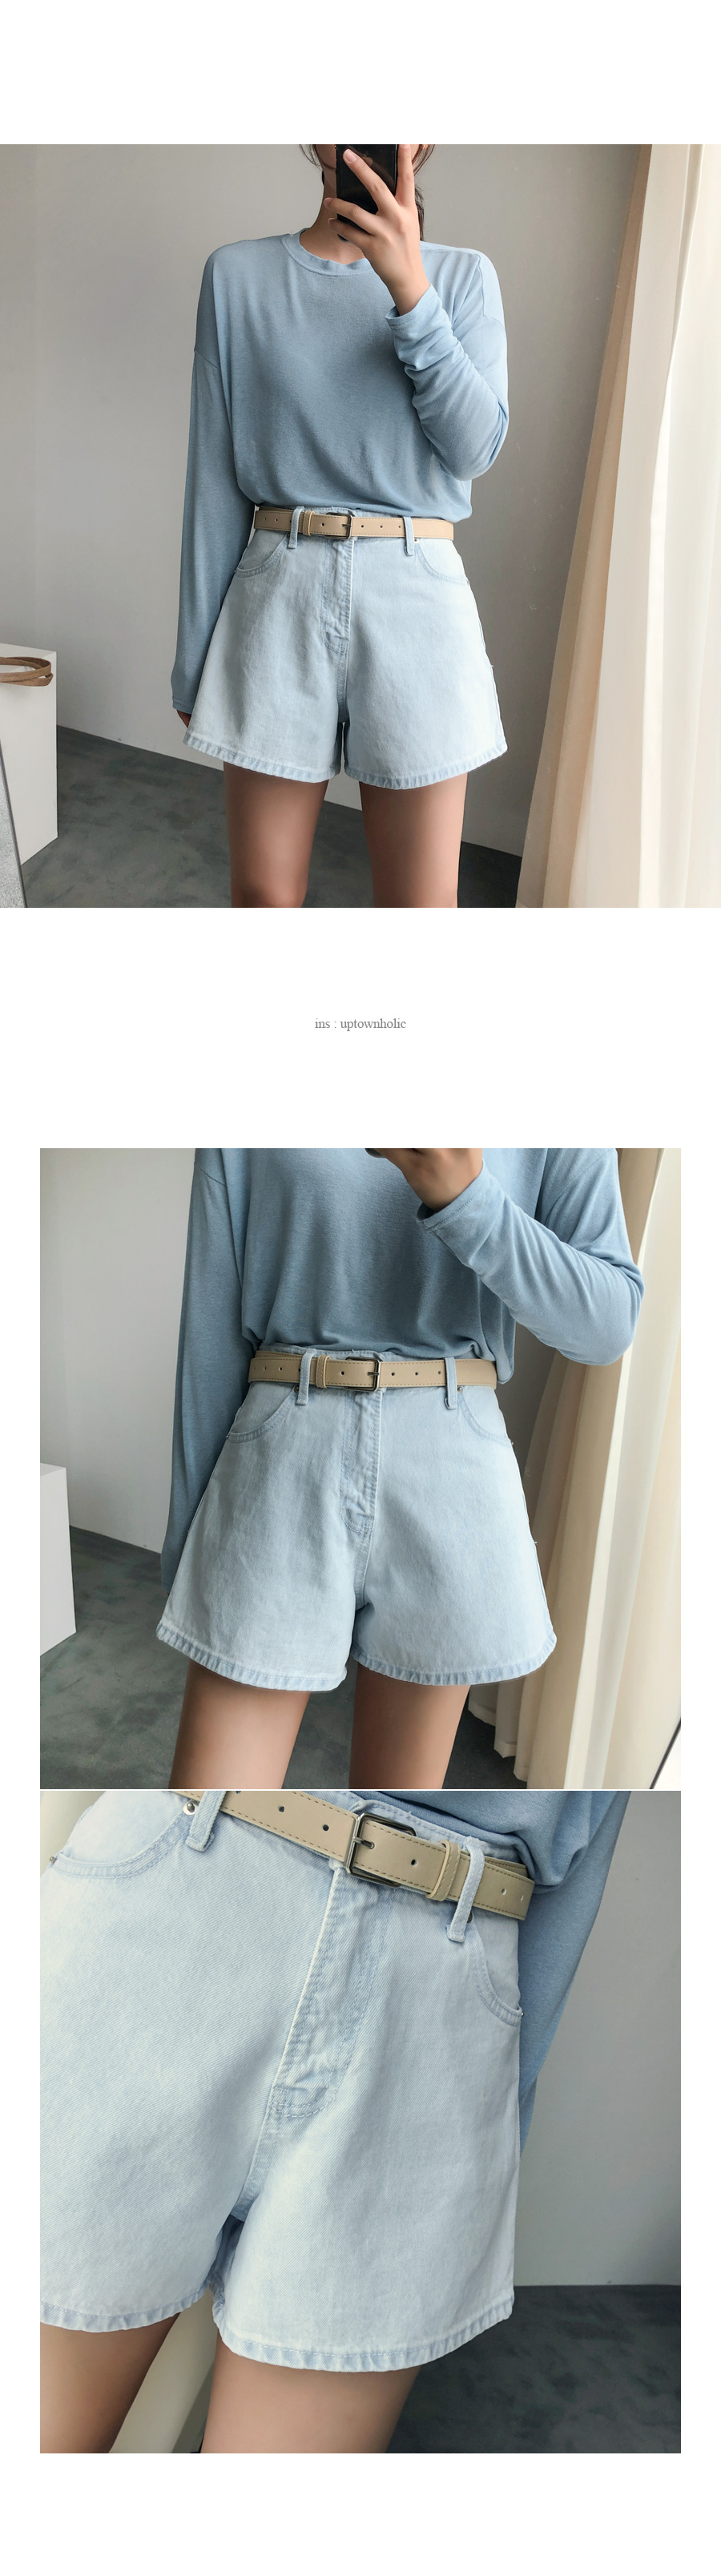 Lovelad pants